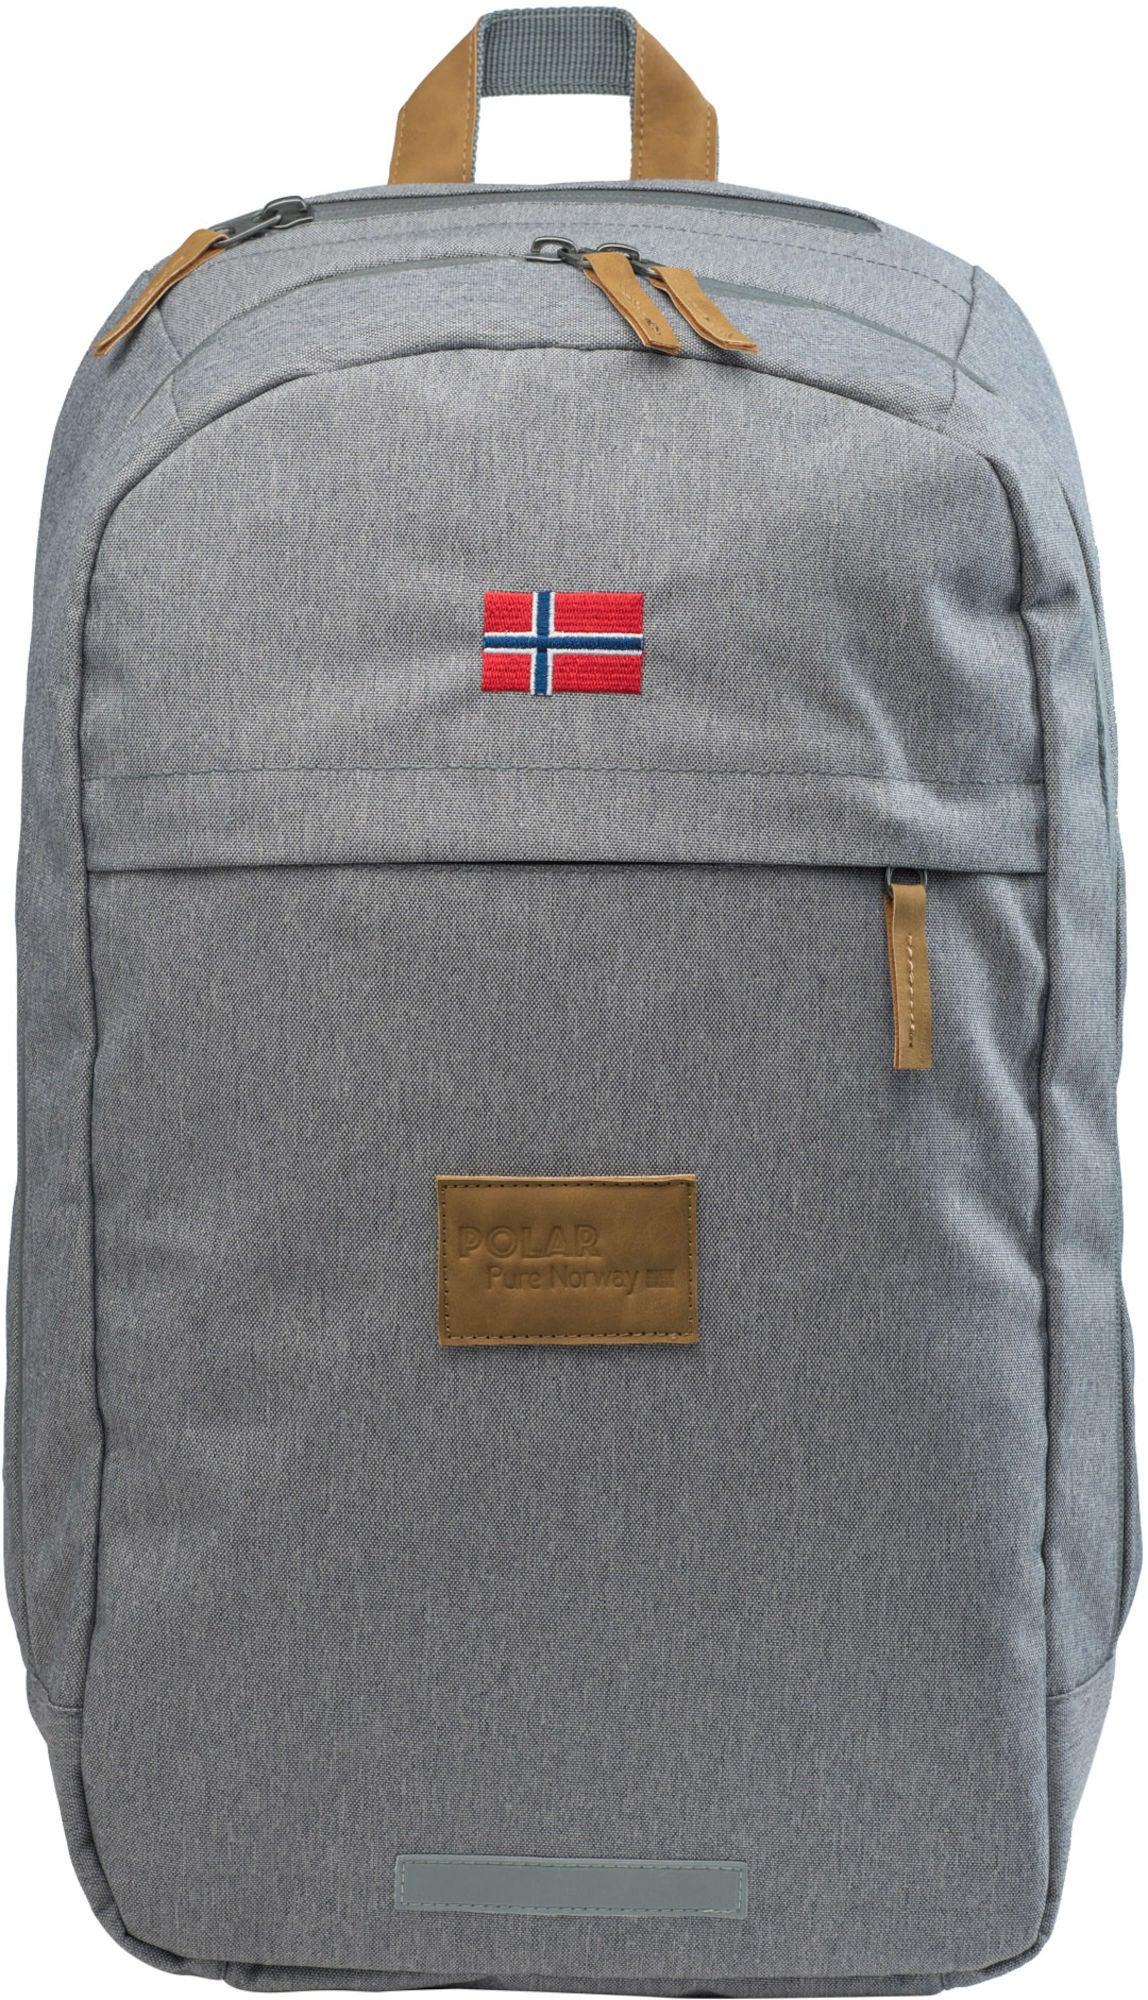 Pure Norway Polar Ryggsäck 29L, Grå